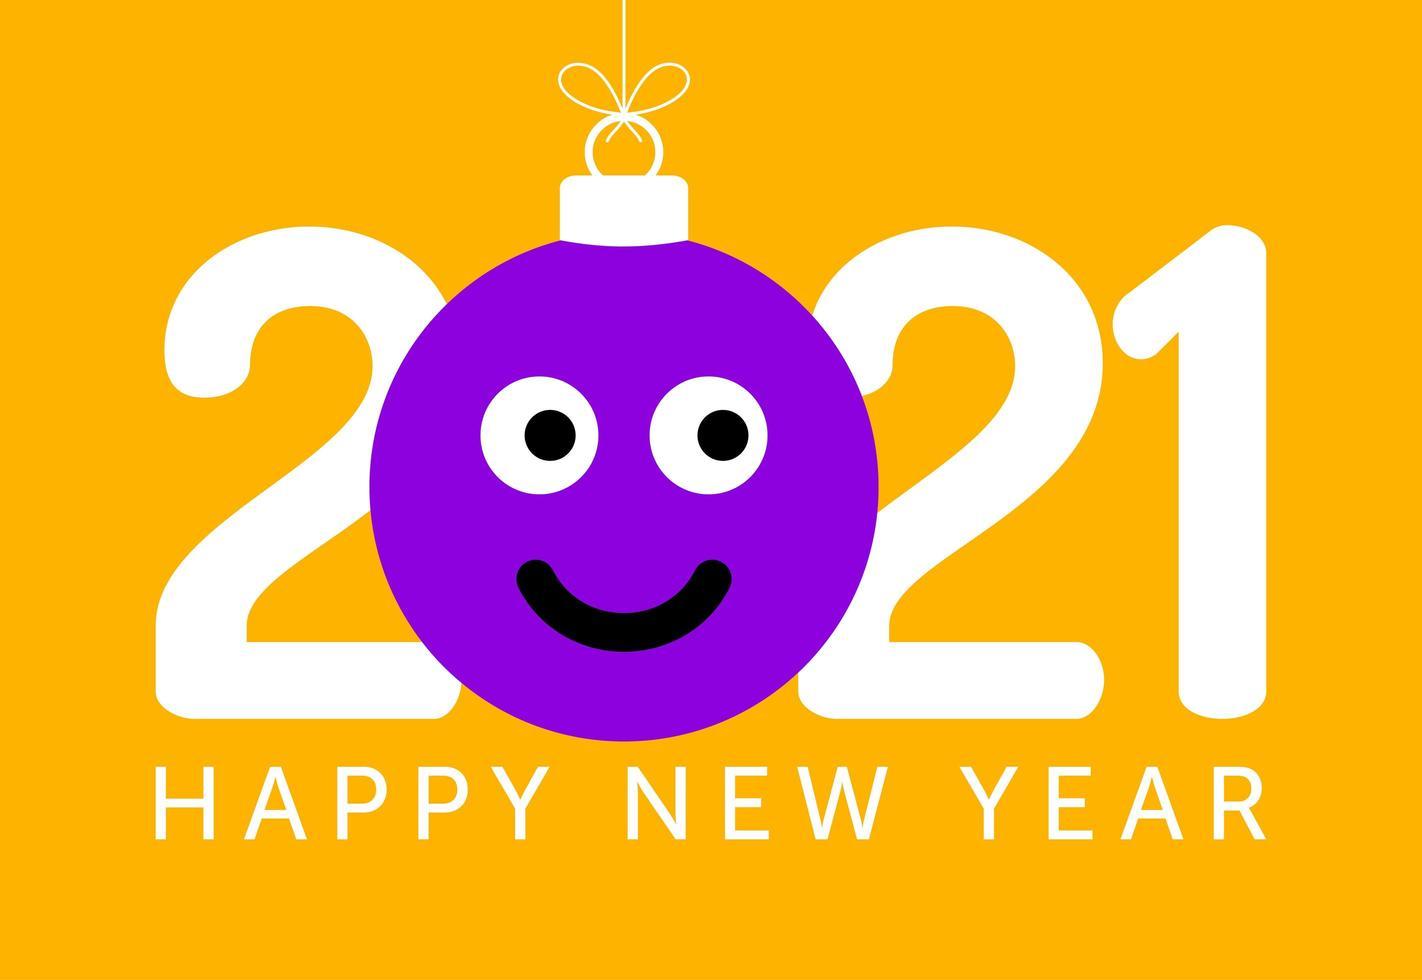 2021 Neujahrsgruß mit lächelnder Emoji-Gesichtsverzierung vektor